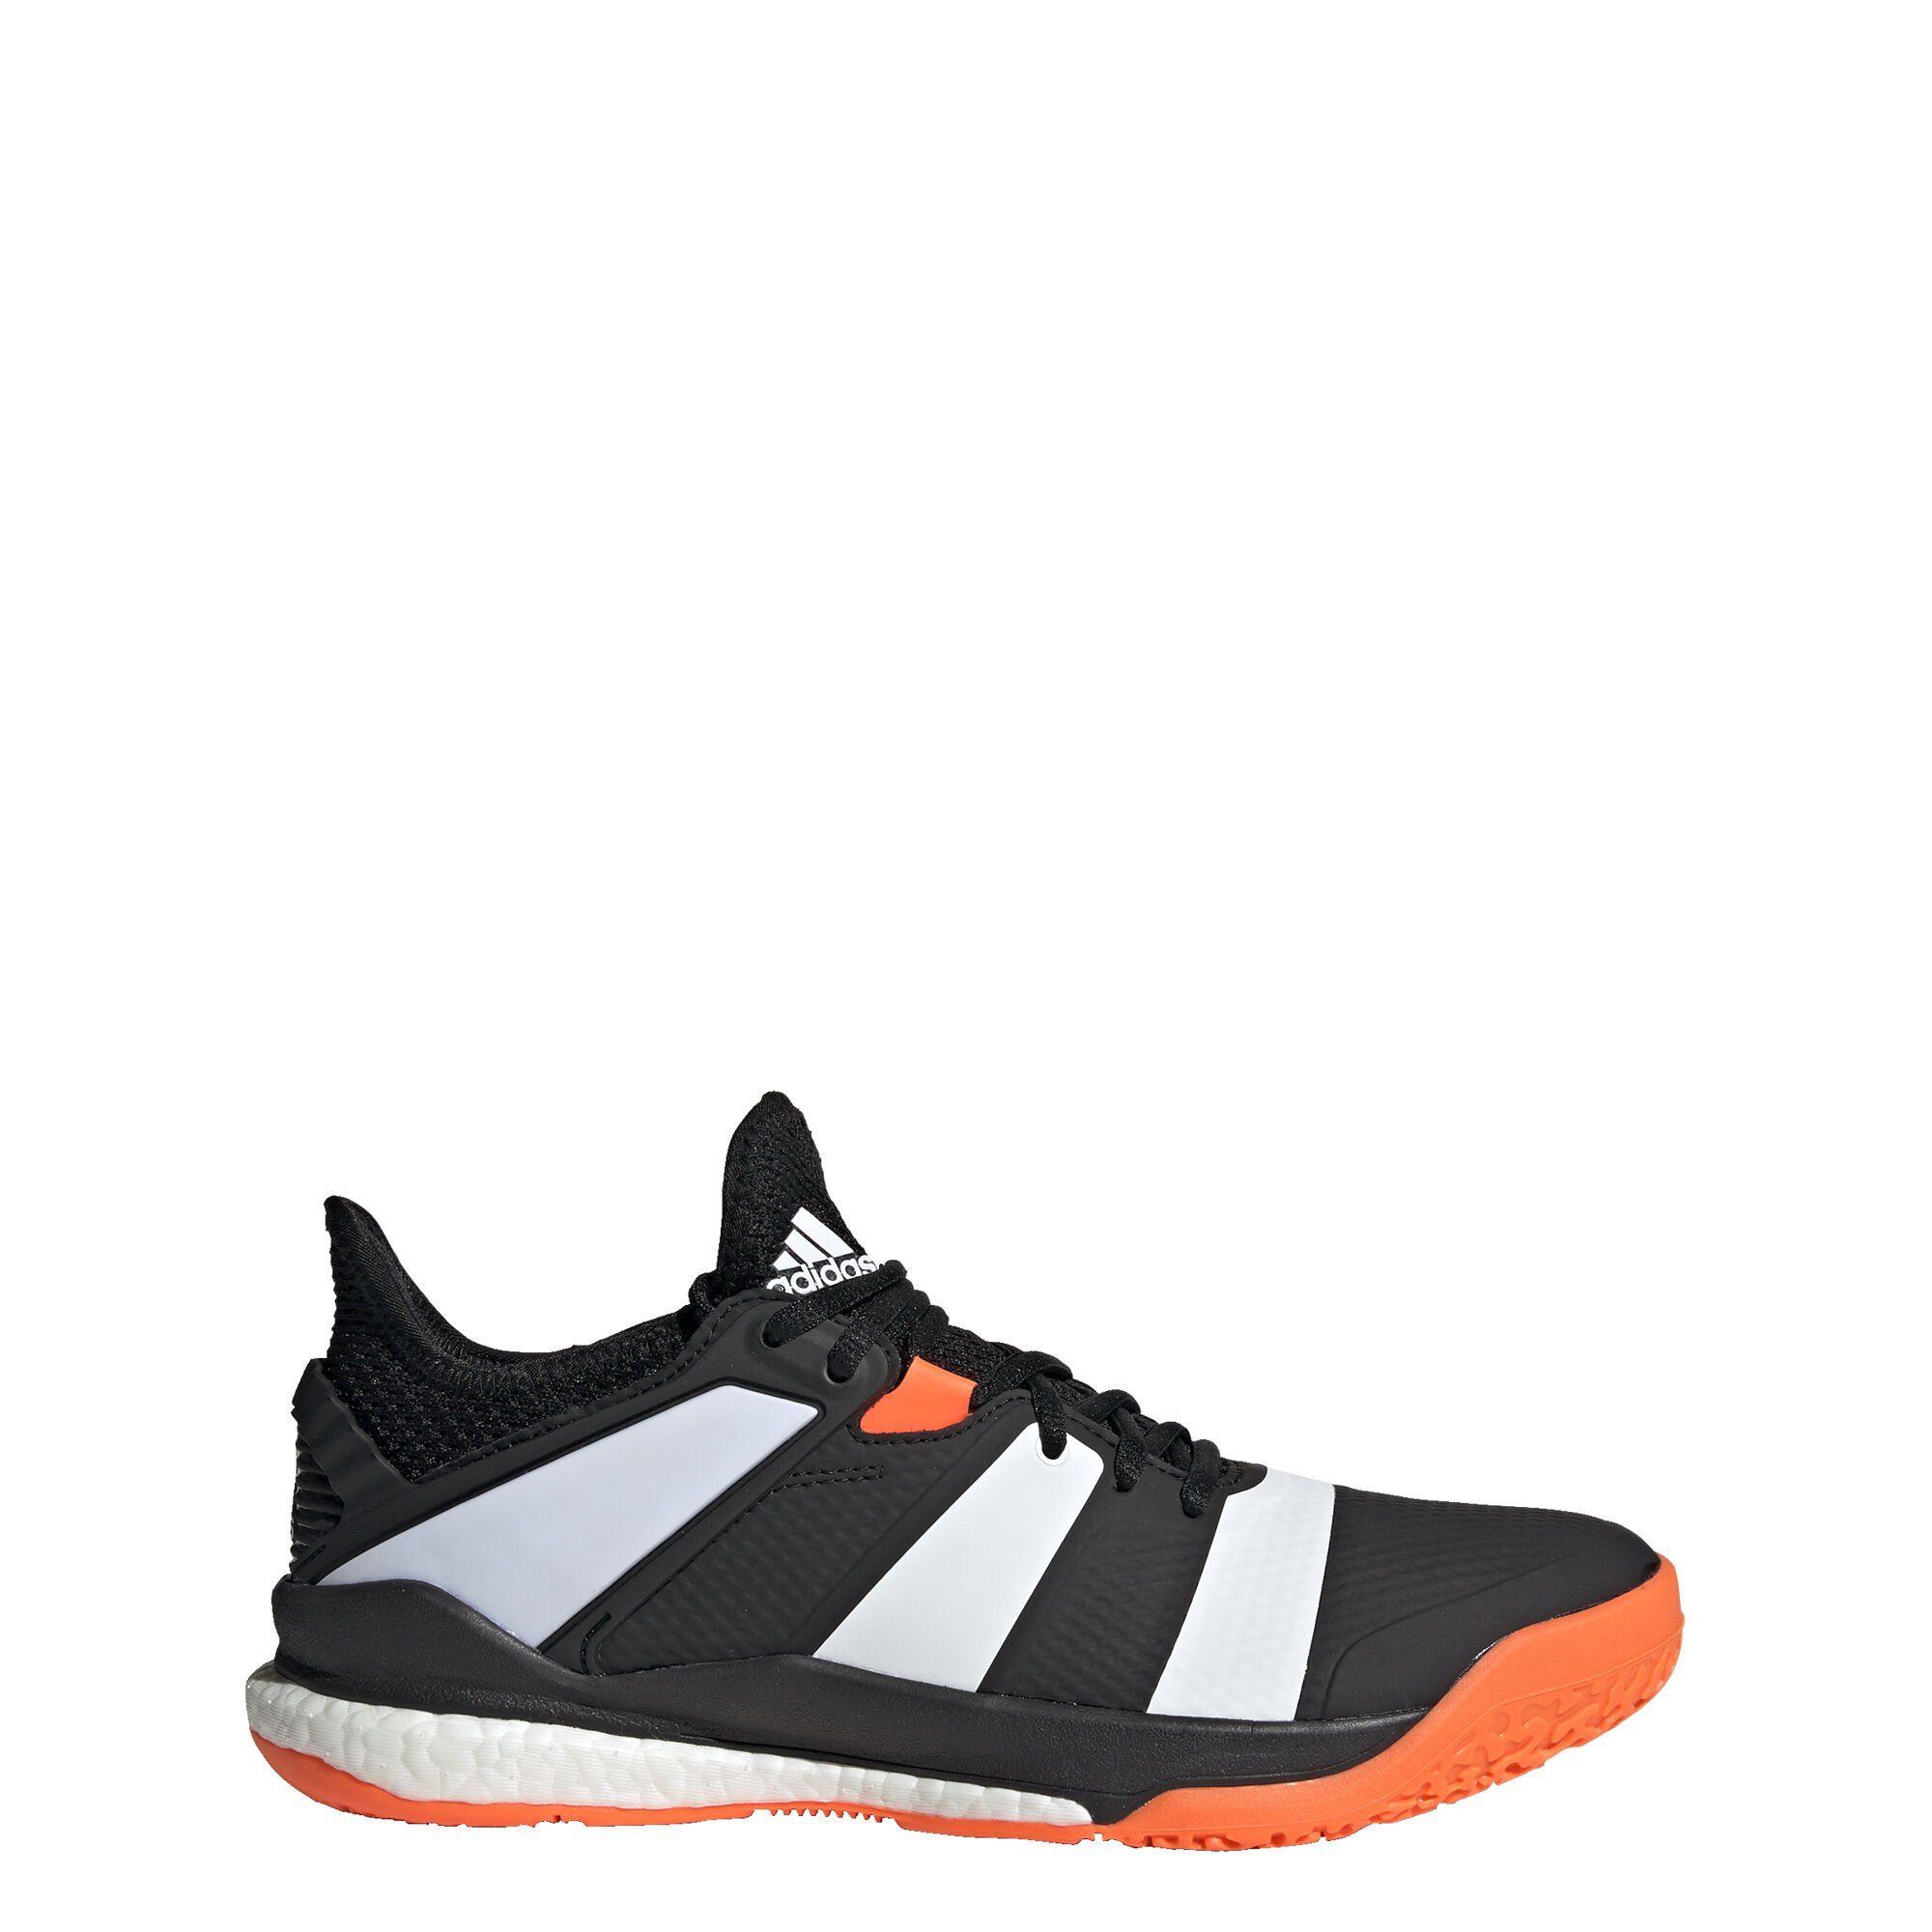 adidas Performance »Powerlift 4 Schuh« Trainingsschuh Powerlift online kaufen | OTTO